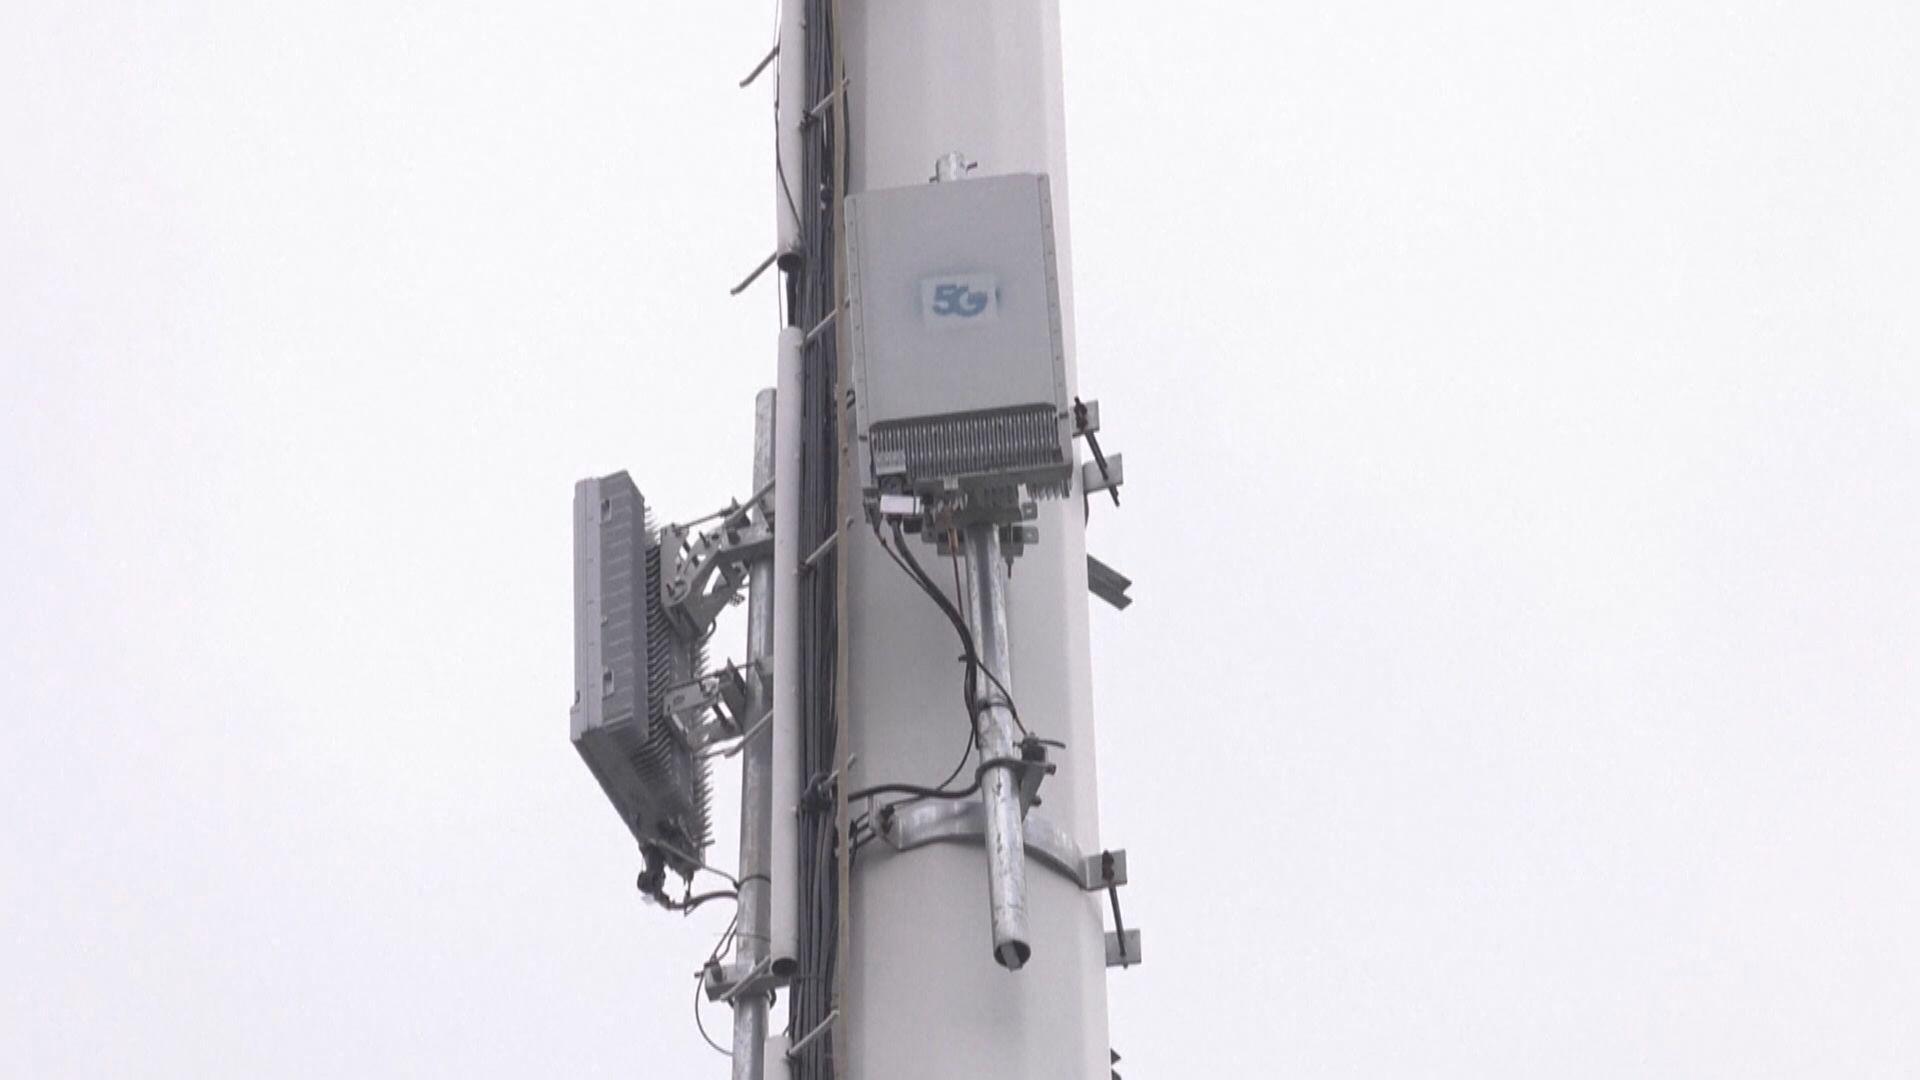 德國通過新法案更嚴格規管5G設備 或影響華為參與